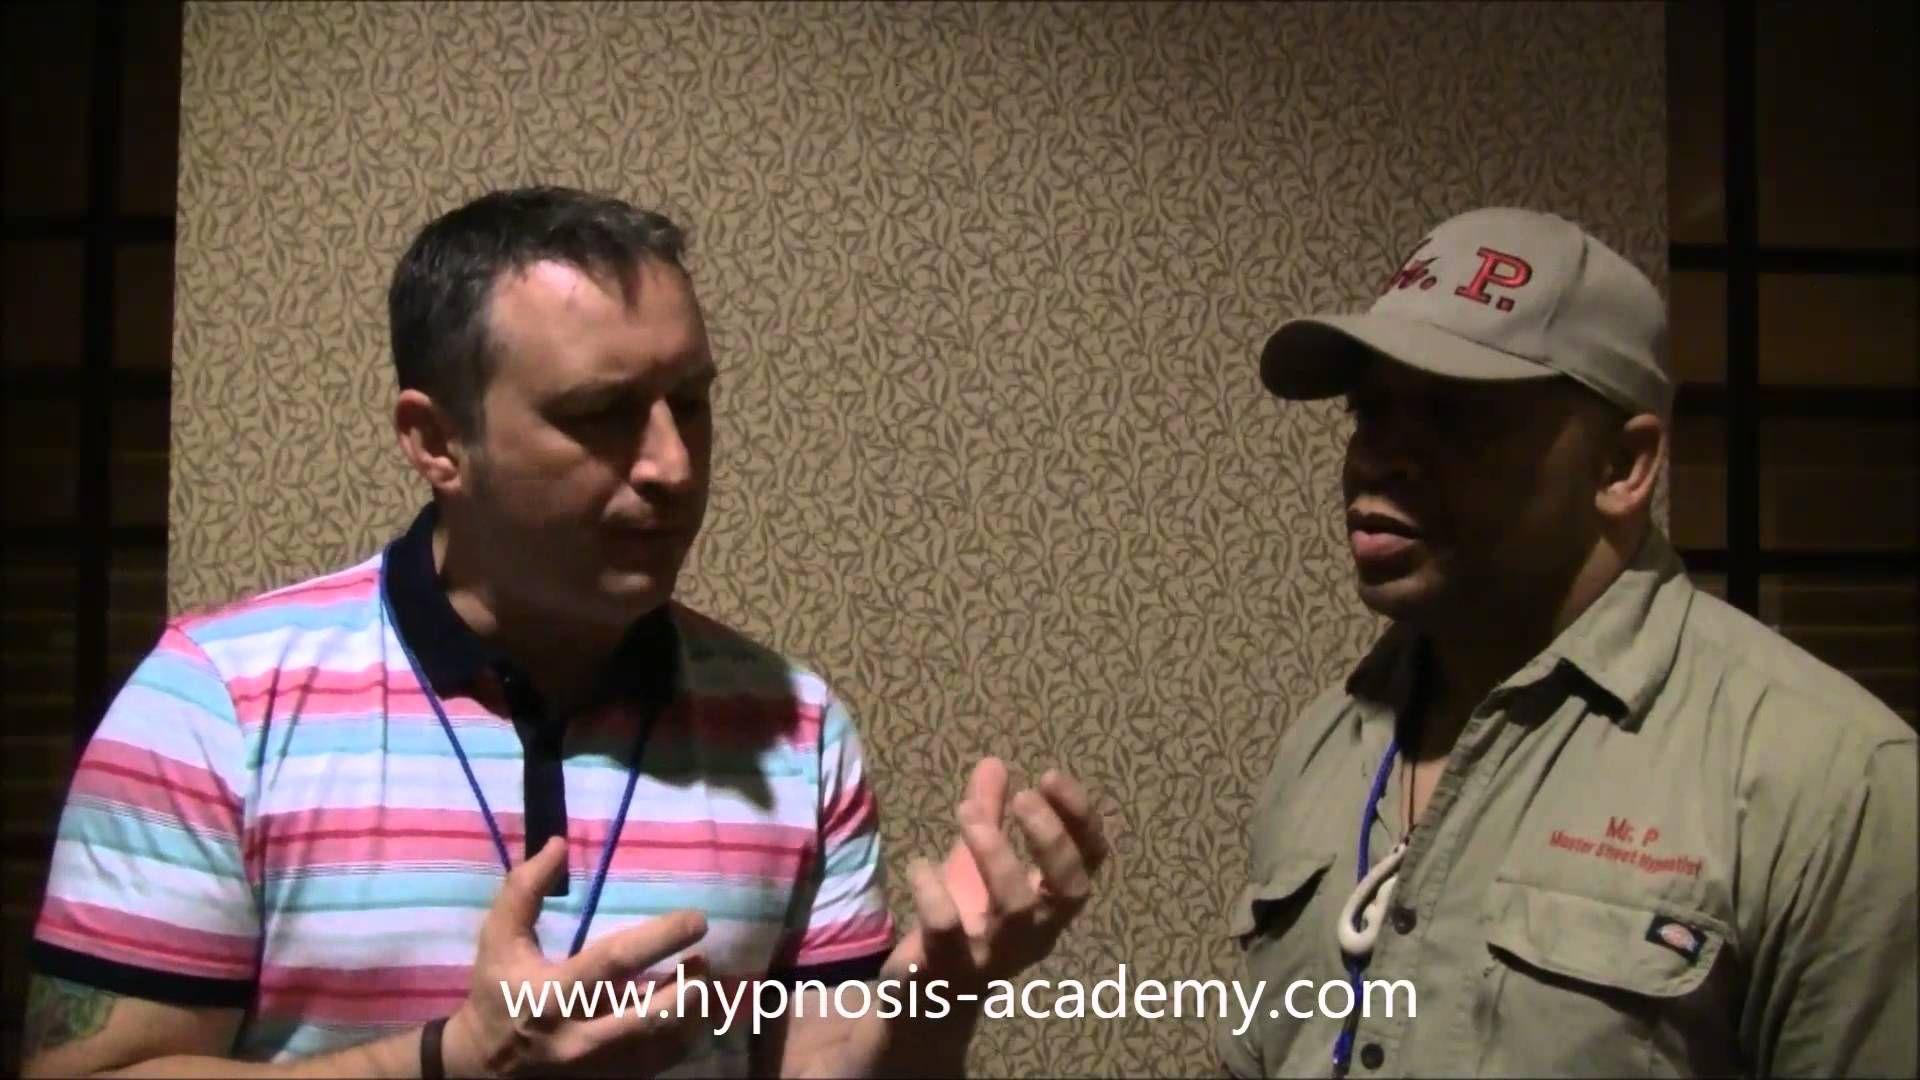 Meet MR P Master Hypnotist | Interview